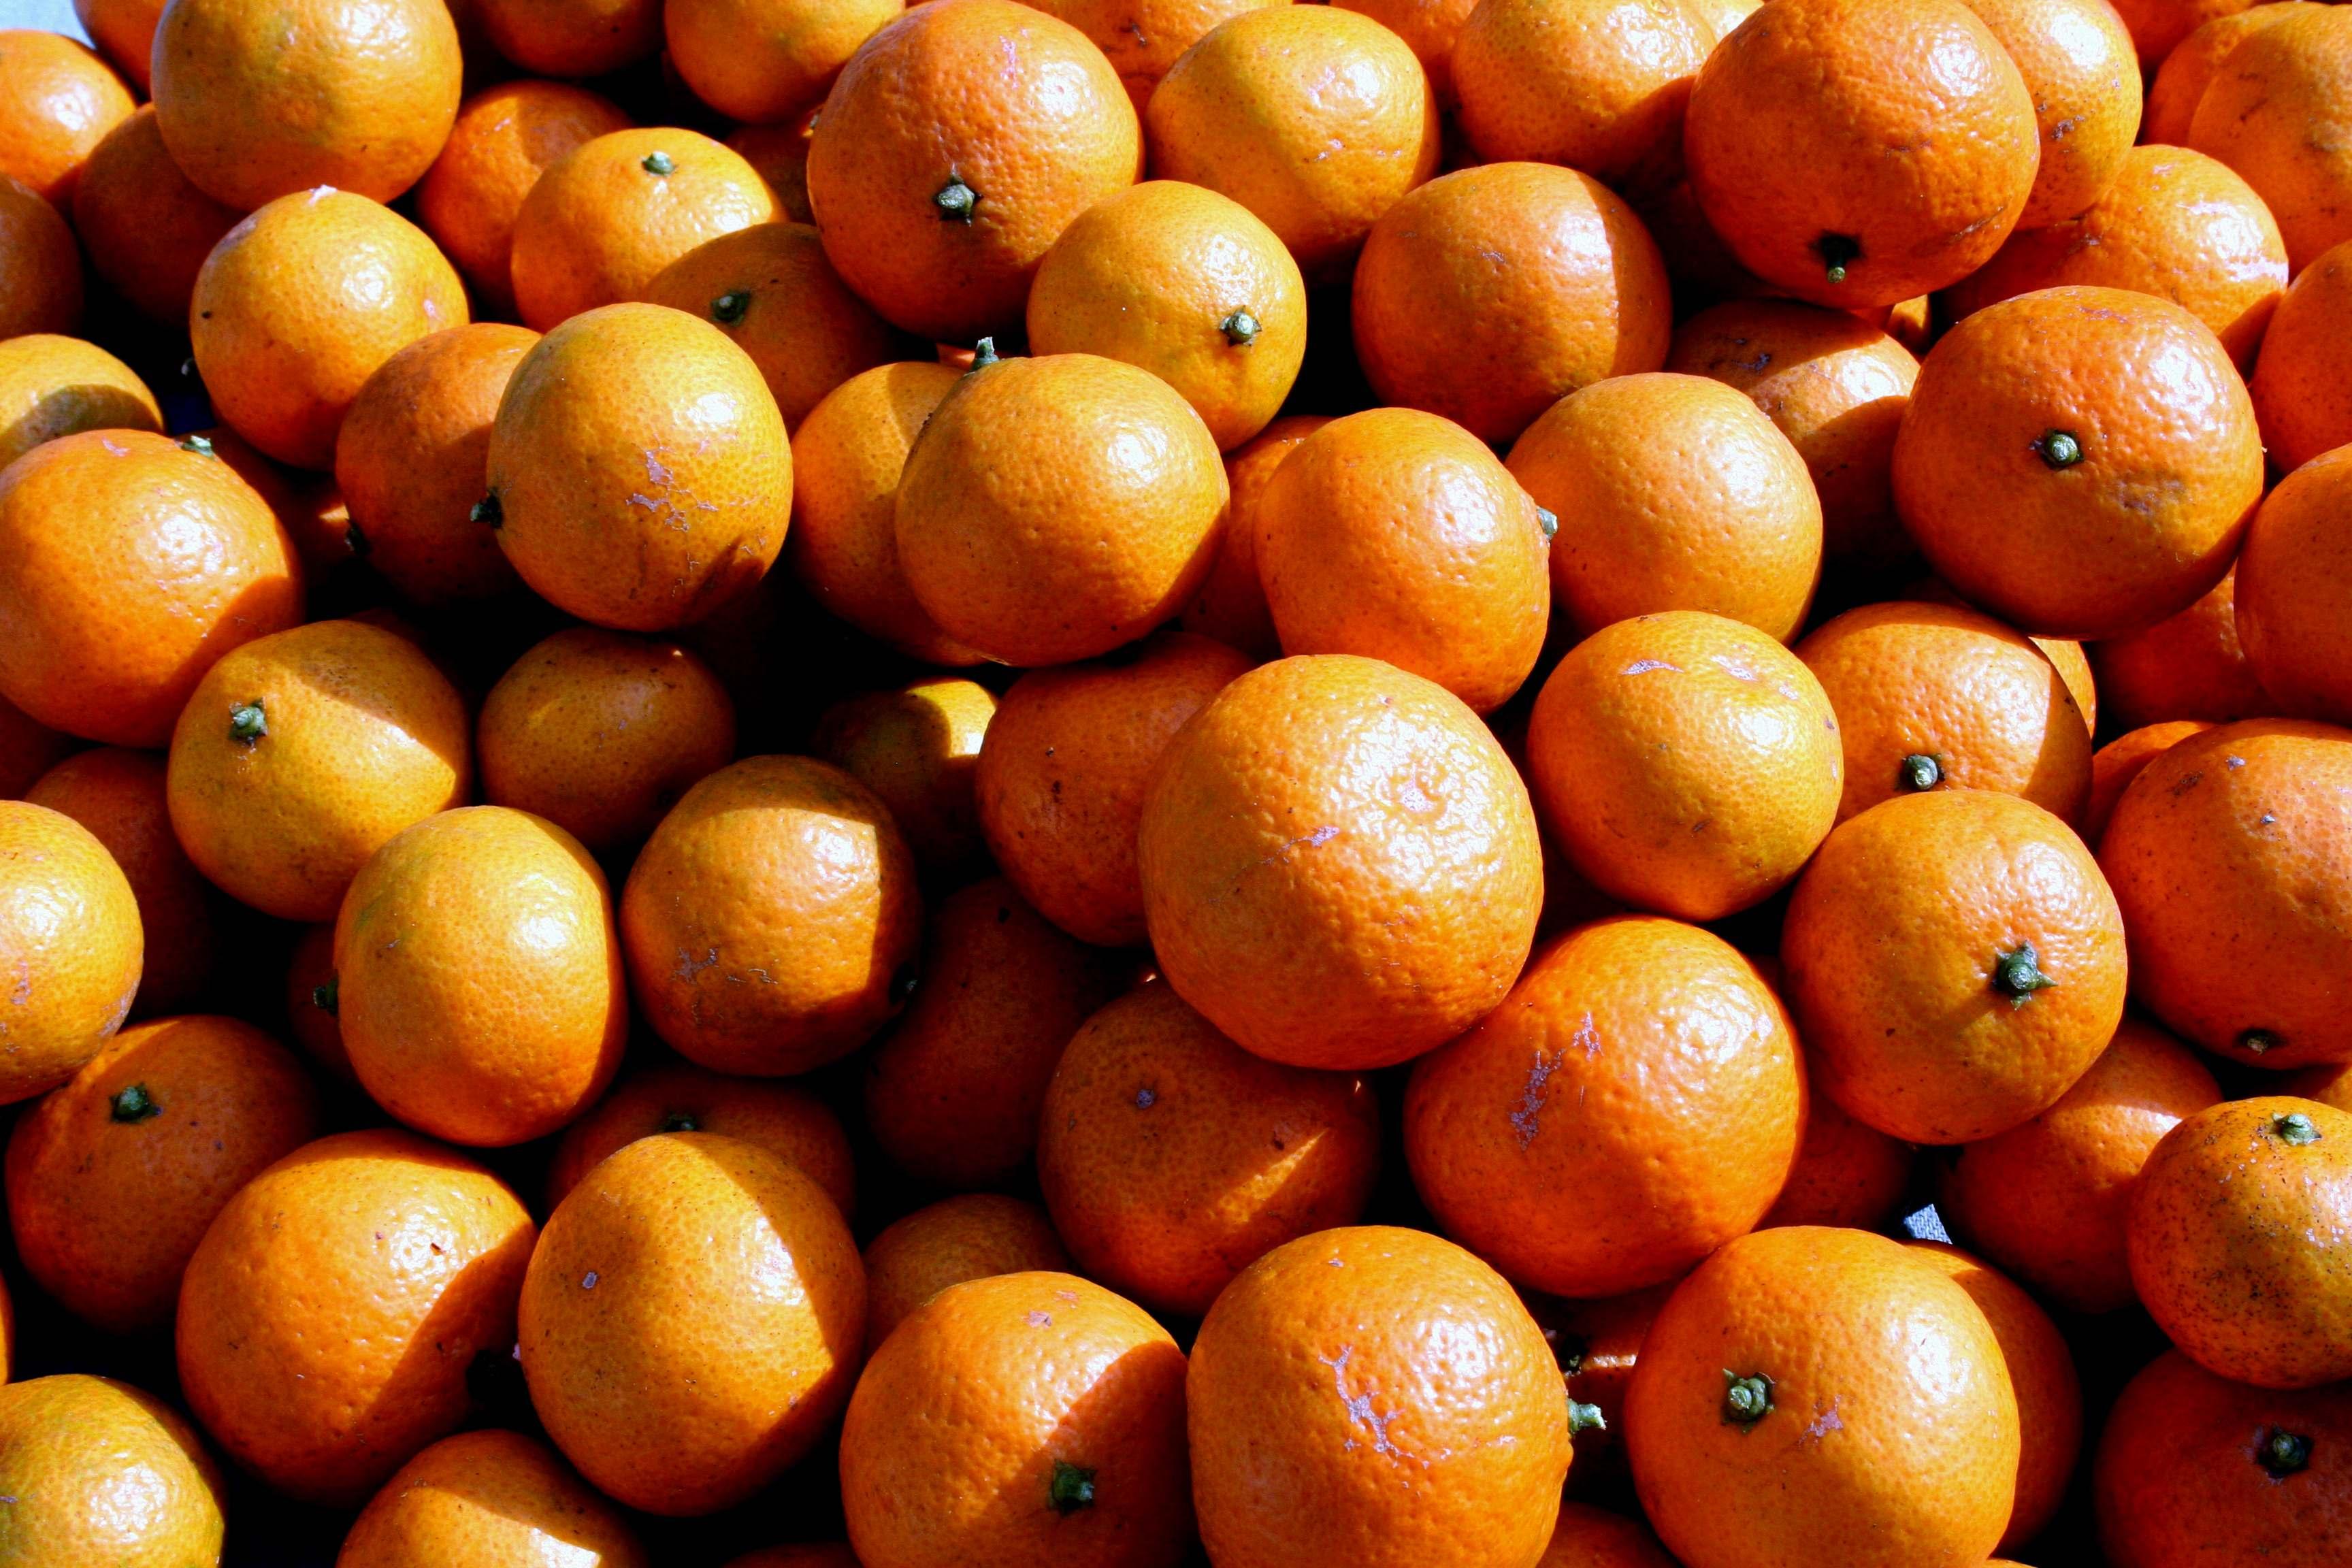 Satsuma_oranges